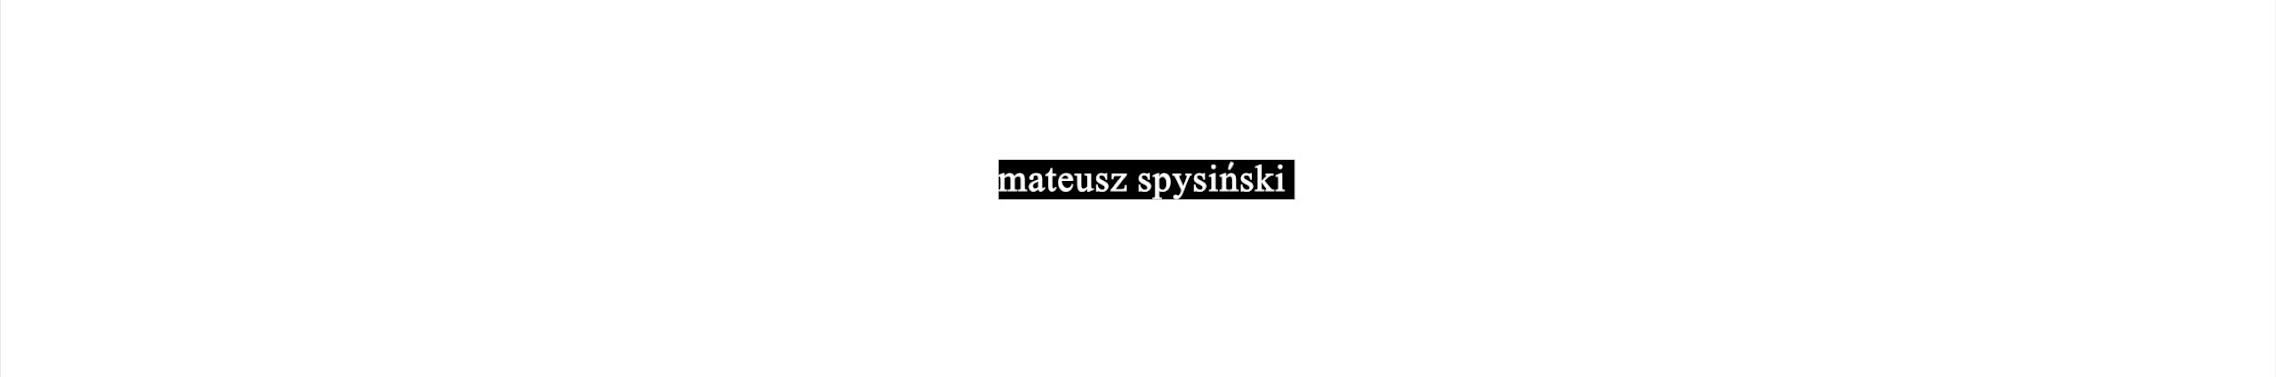 Mateusz Spysiński